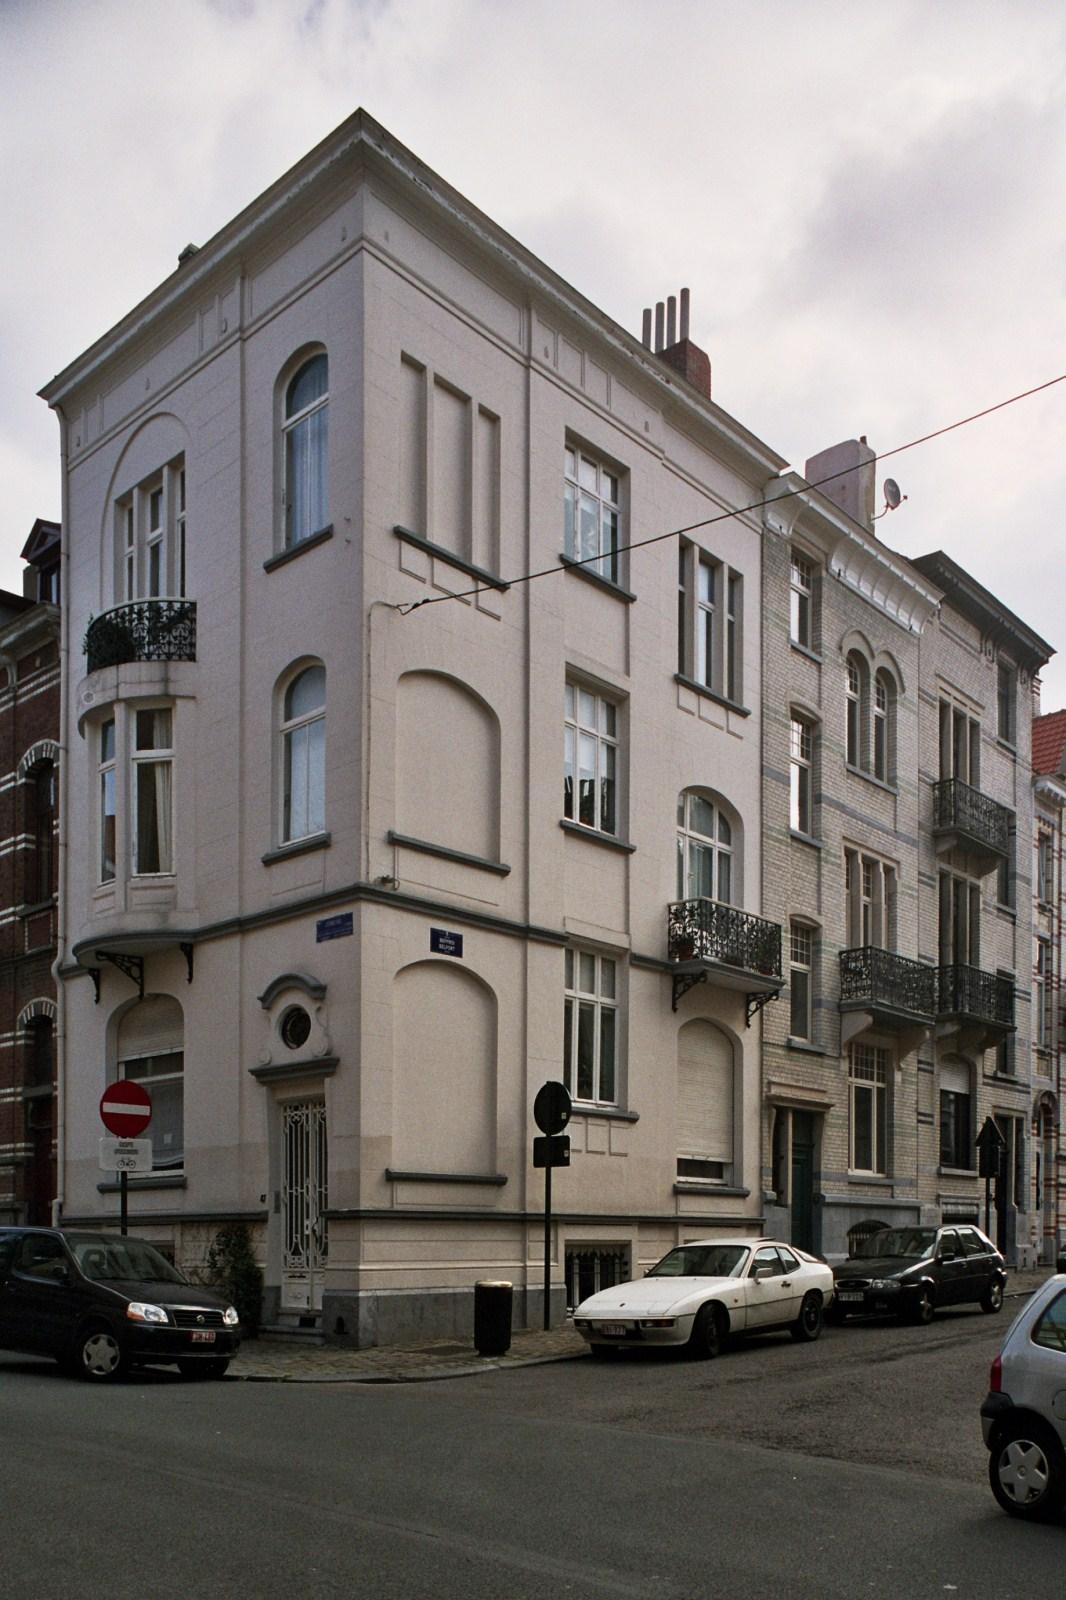 Rue Jenneval 47 et rue du Beffroi 2, 2a., 2007